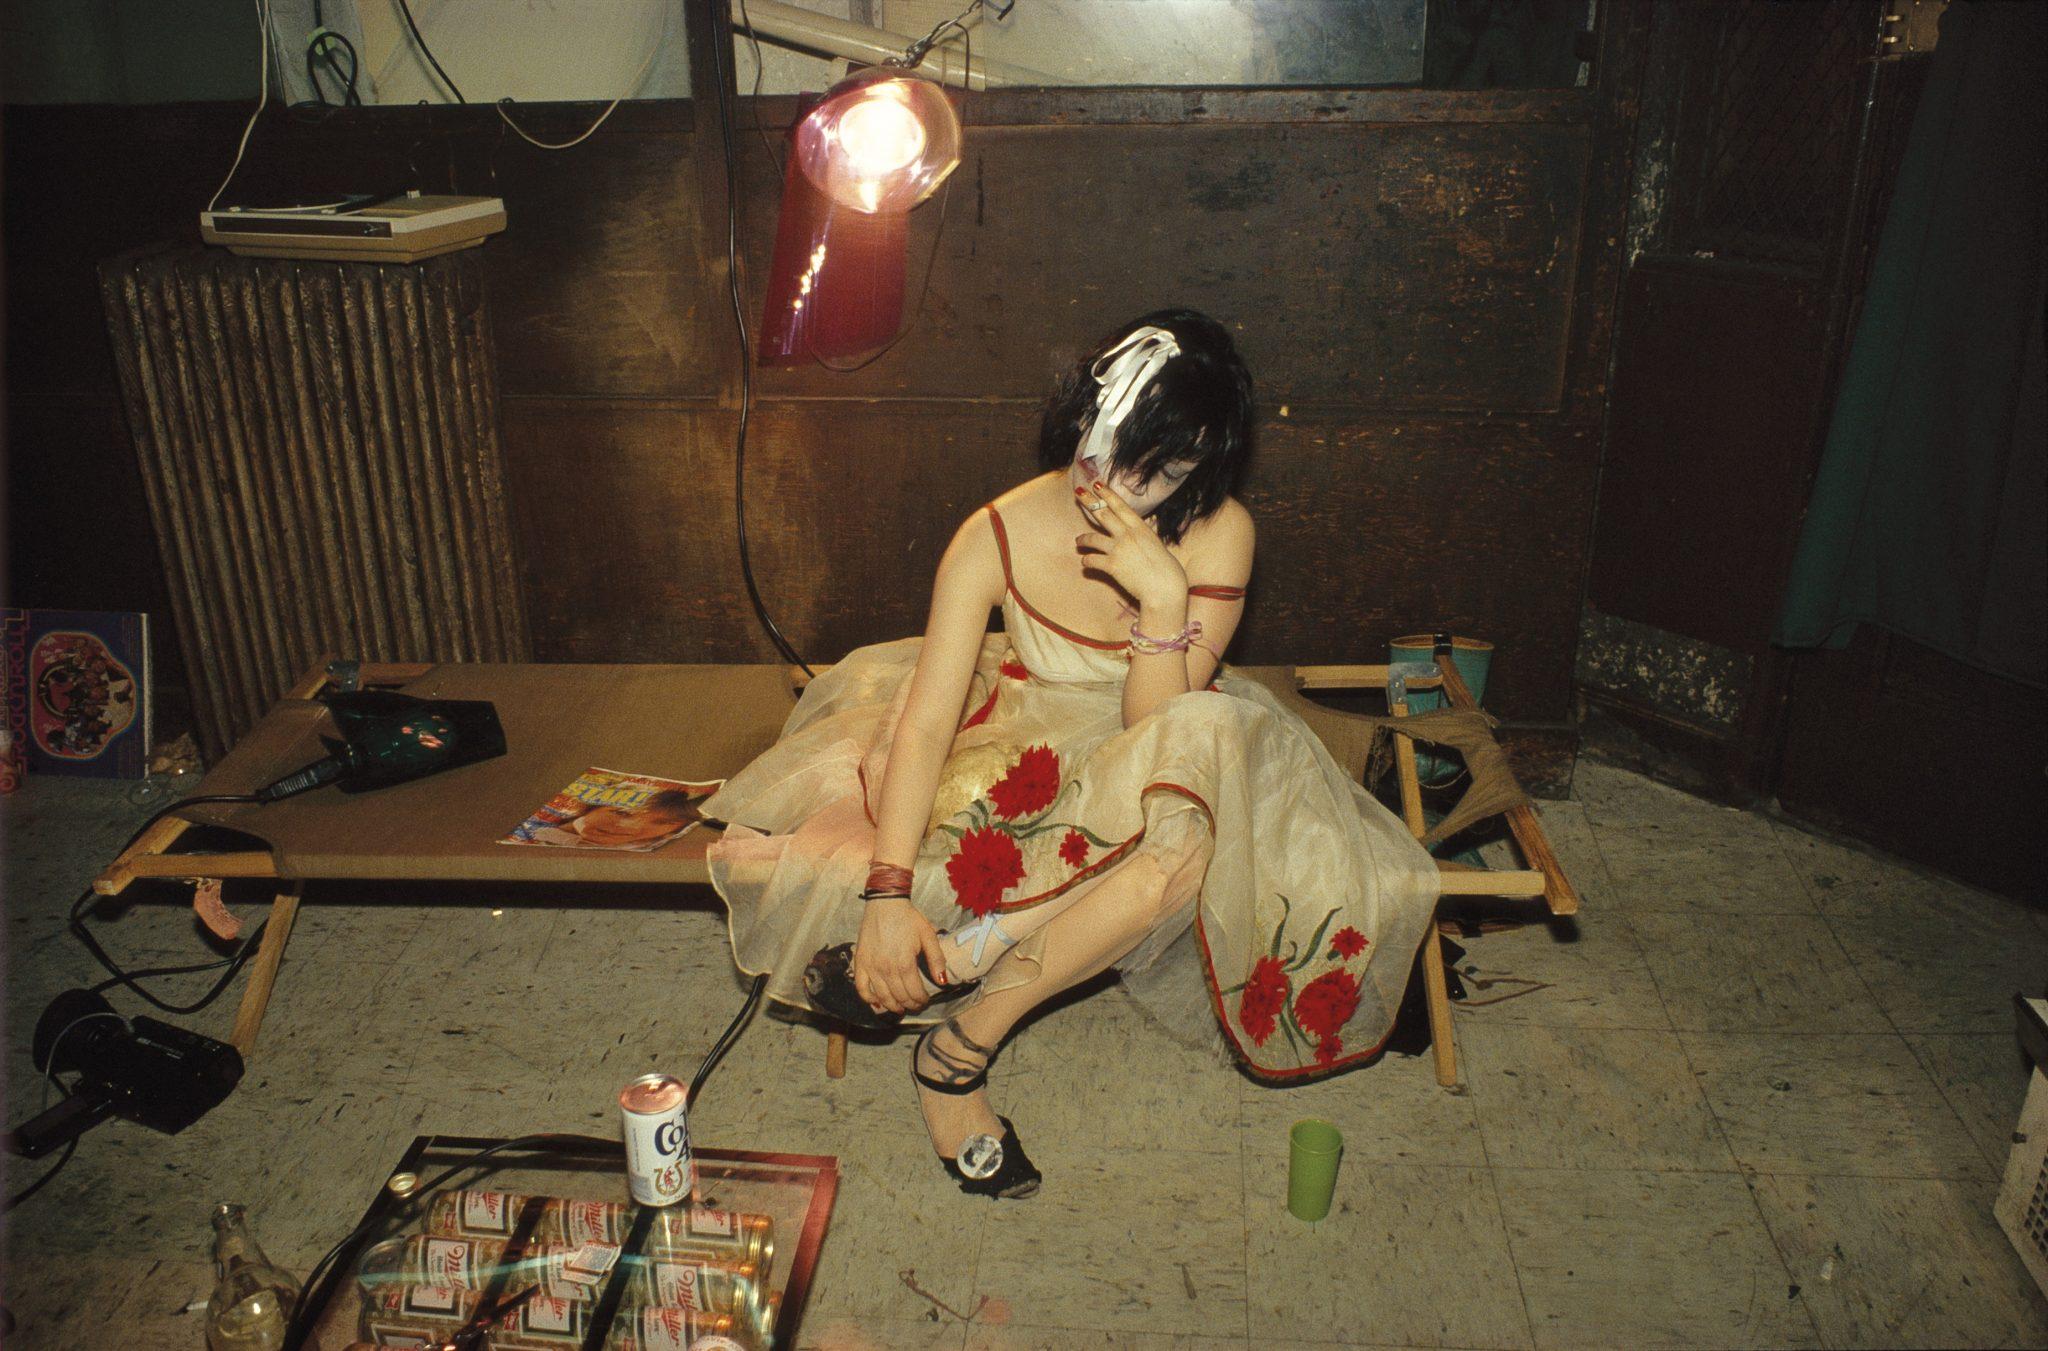 Nan Goldin - Trixie on the cot, New York City 1979 © Nan Goldin